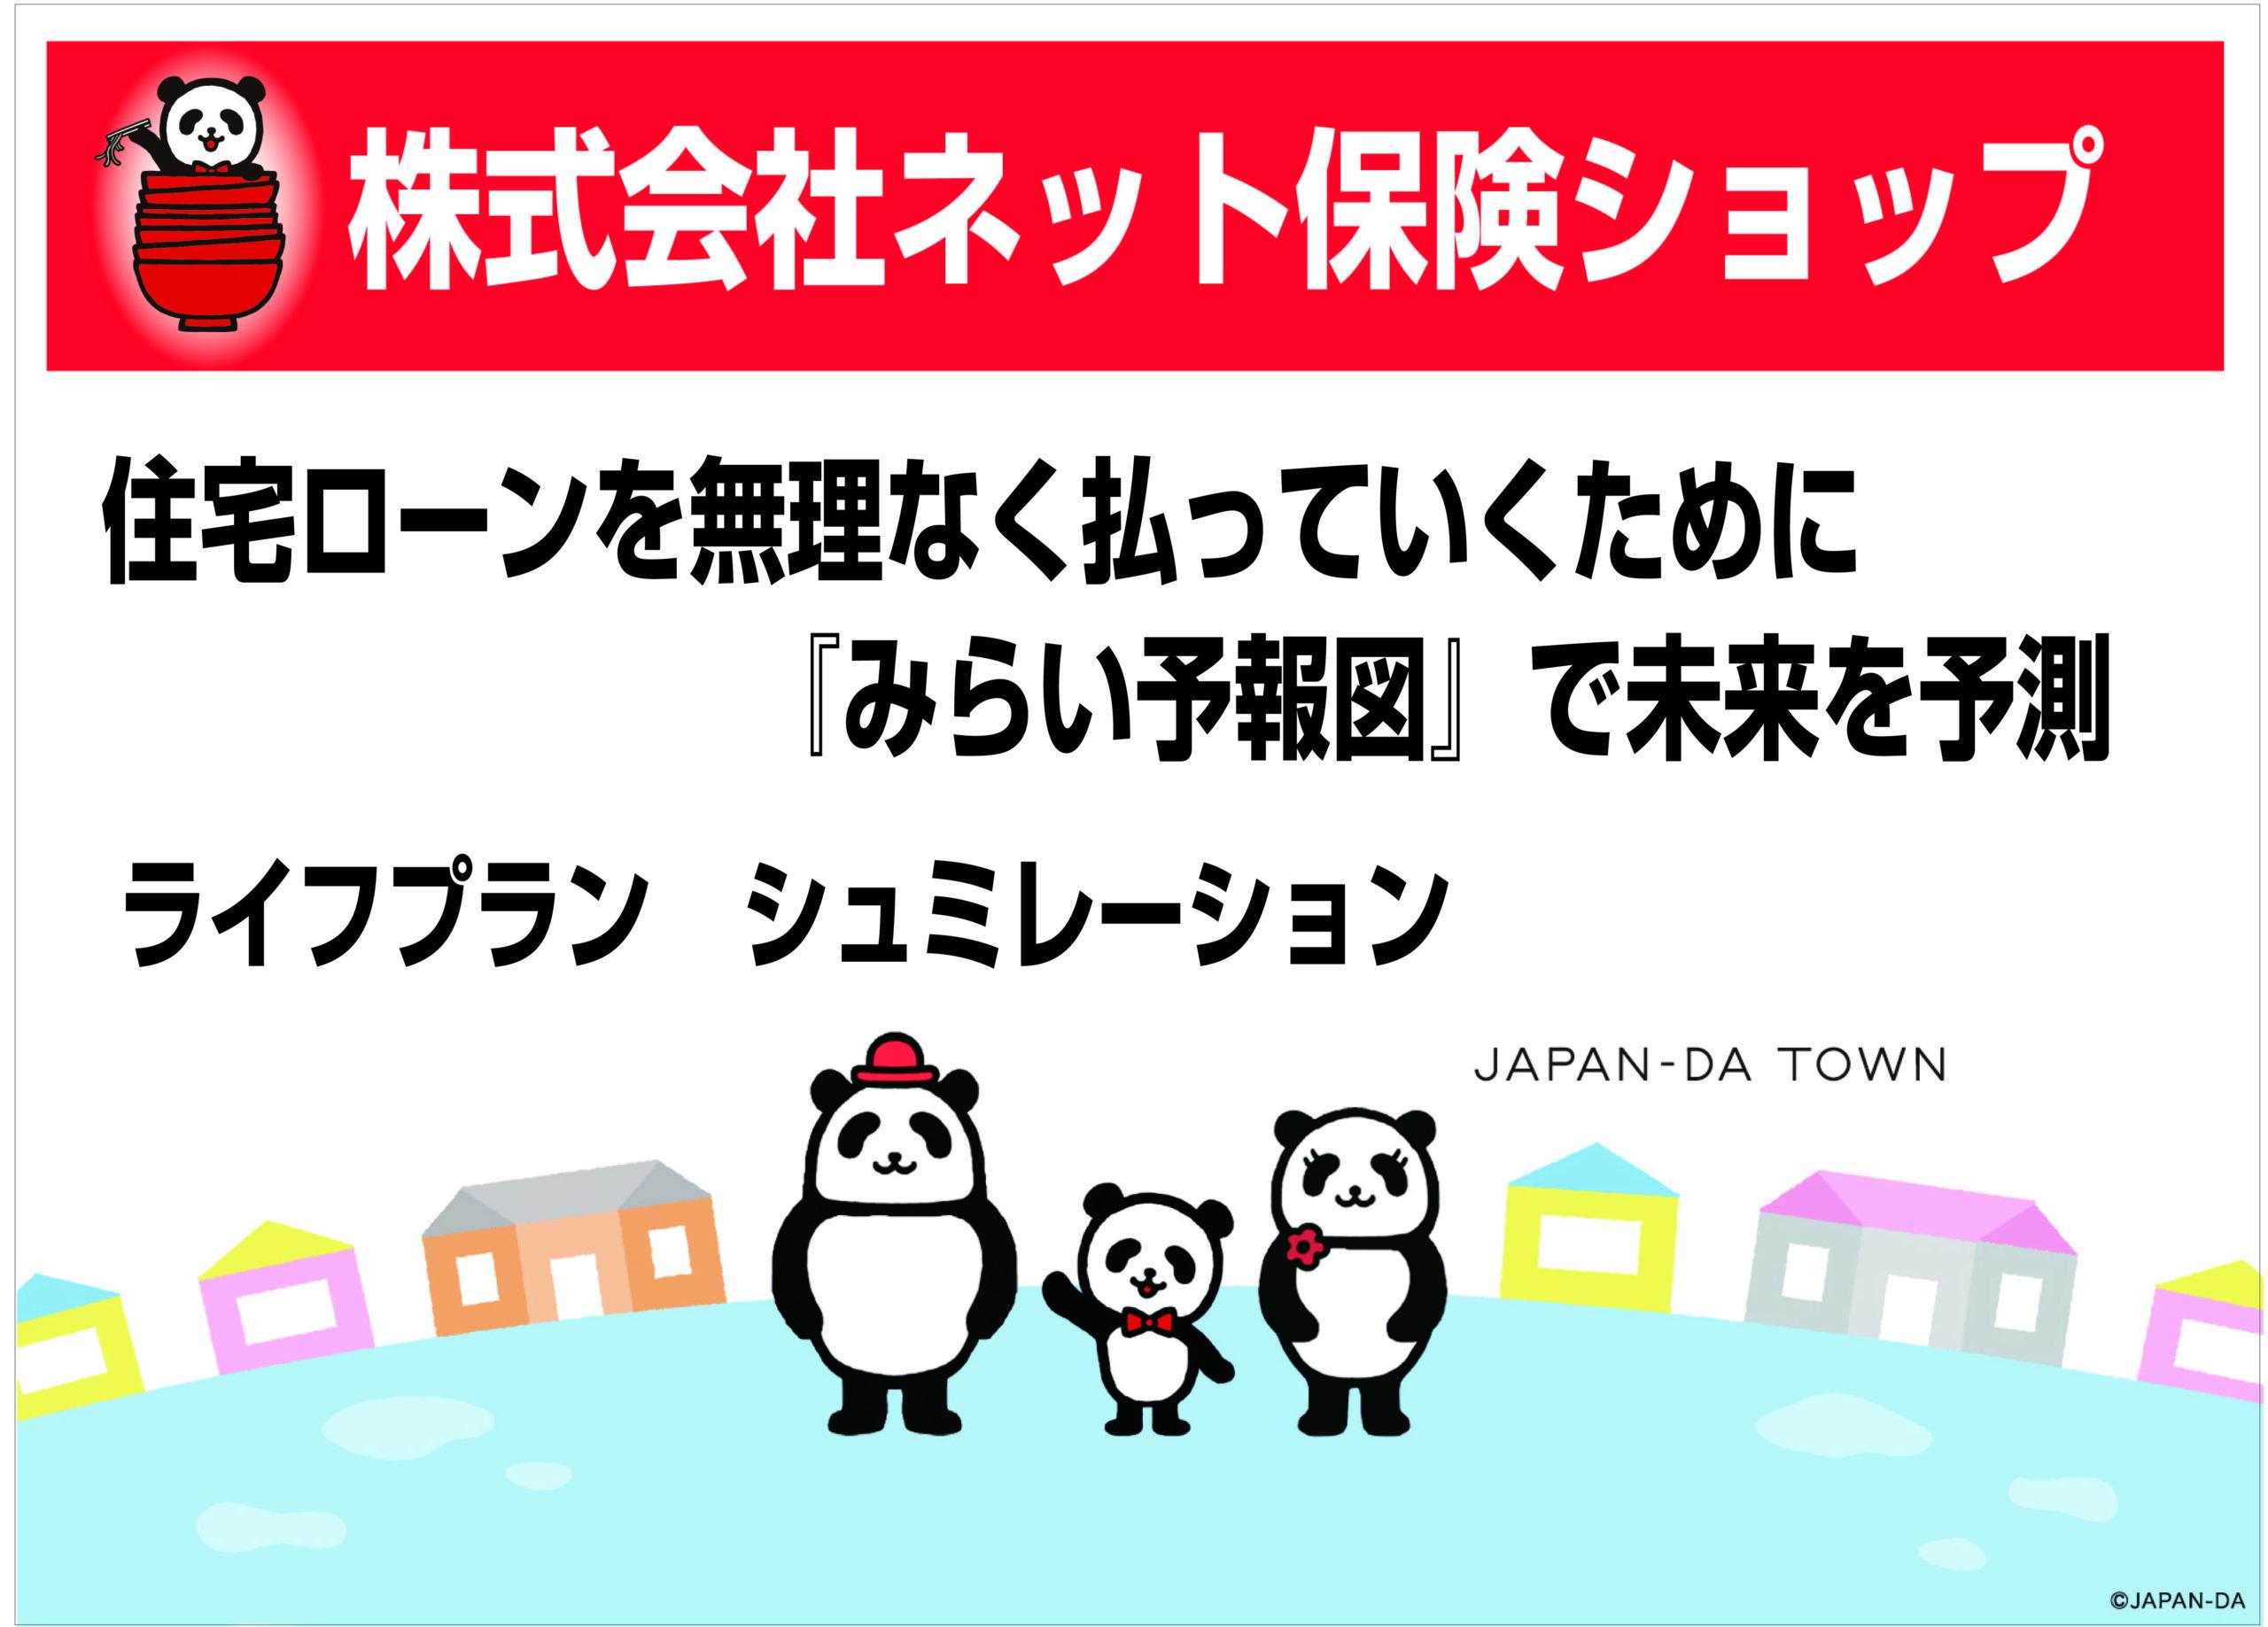 株式会社ネット保険ショップのスライドイメージ4枚目